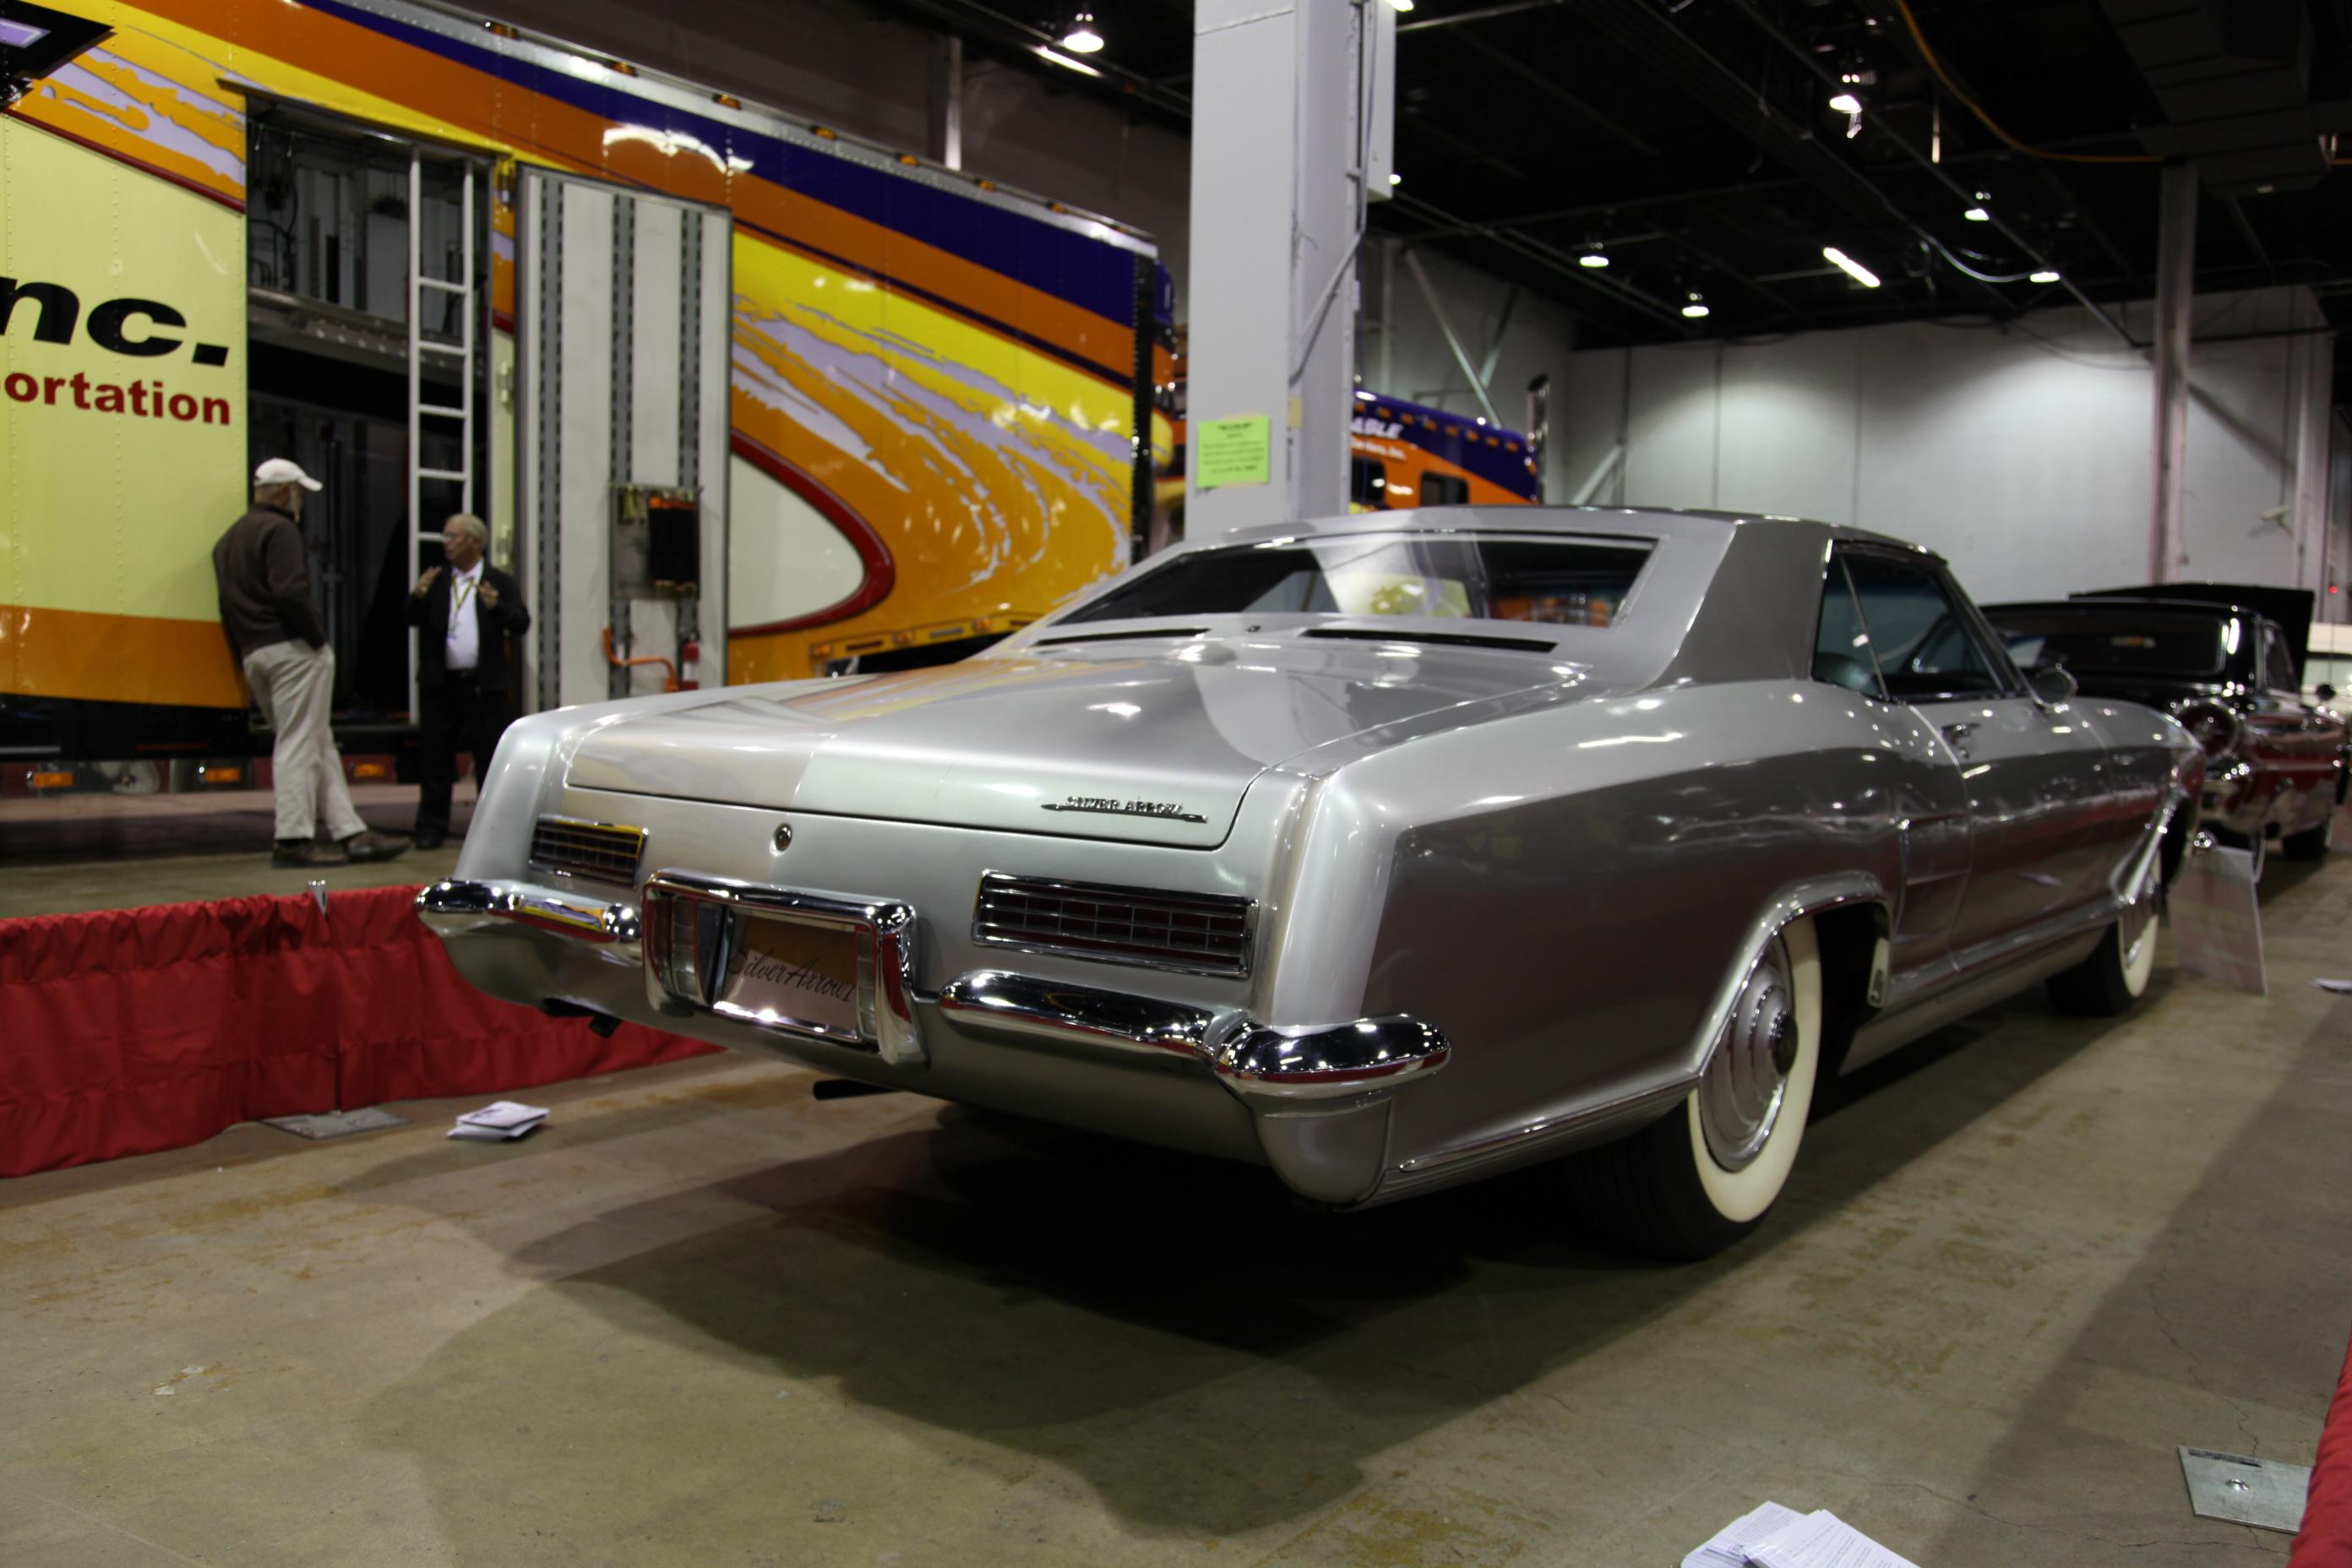 1963 Buick Riviera Silver Arrow I, custom buick, custom buick riviera